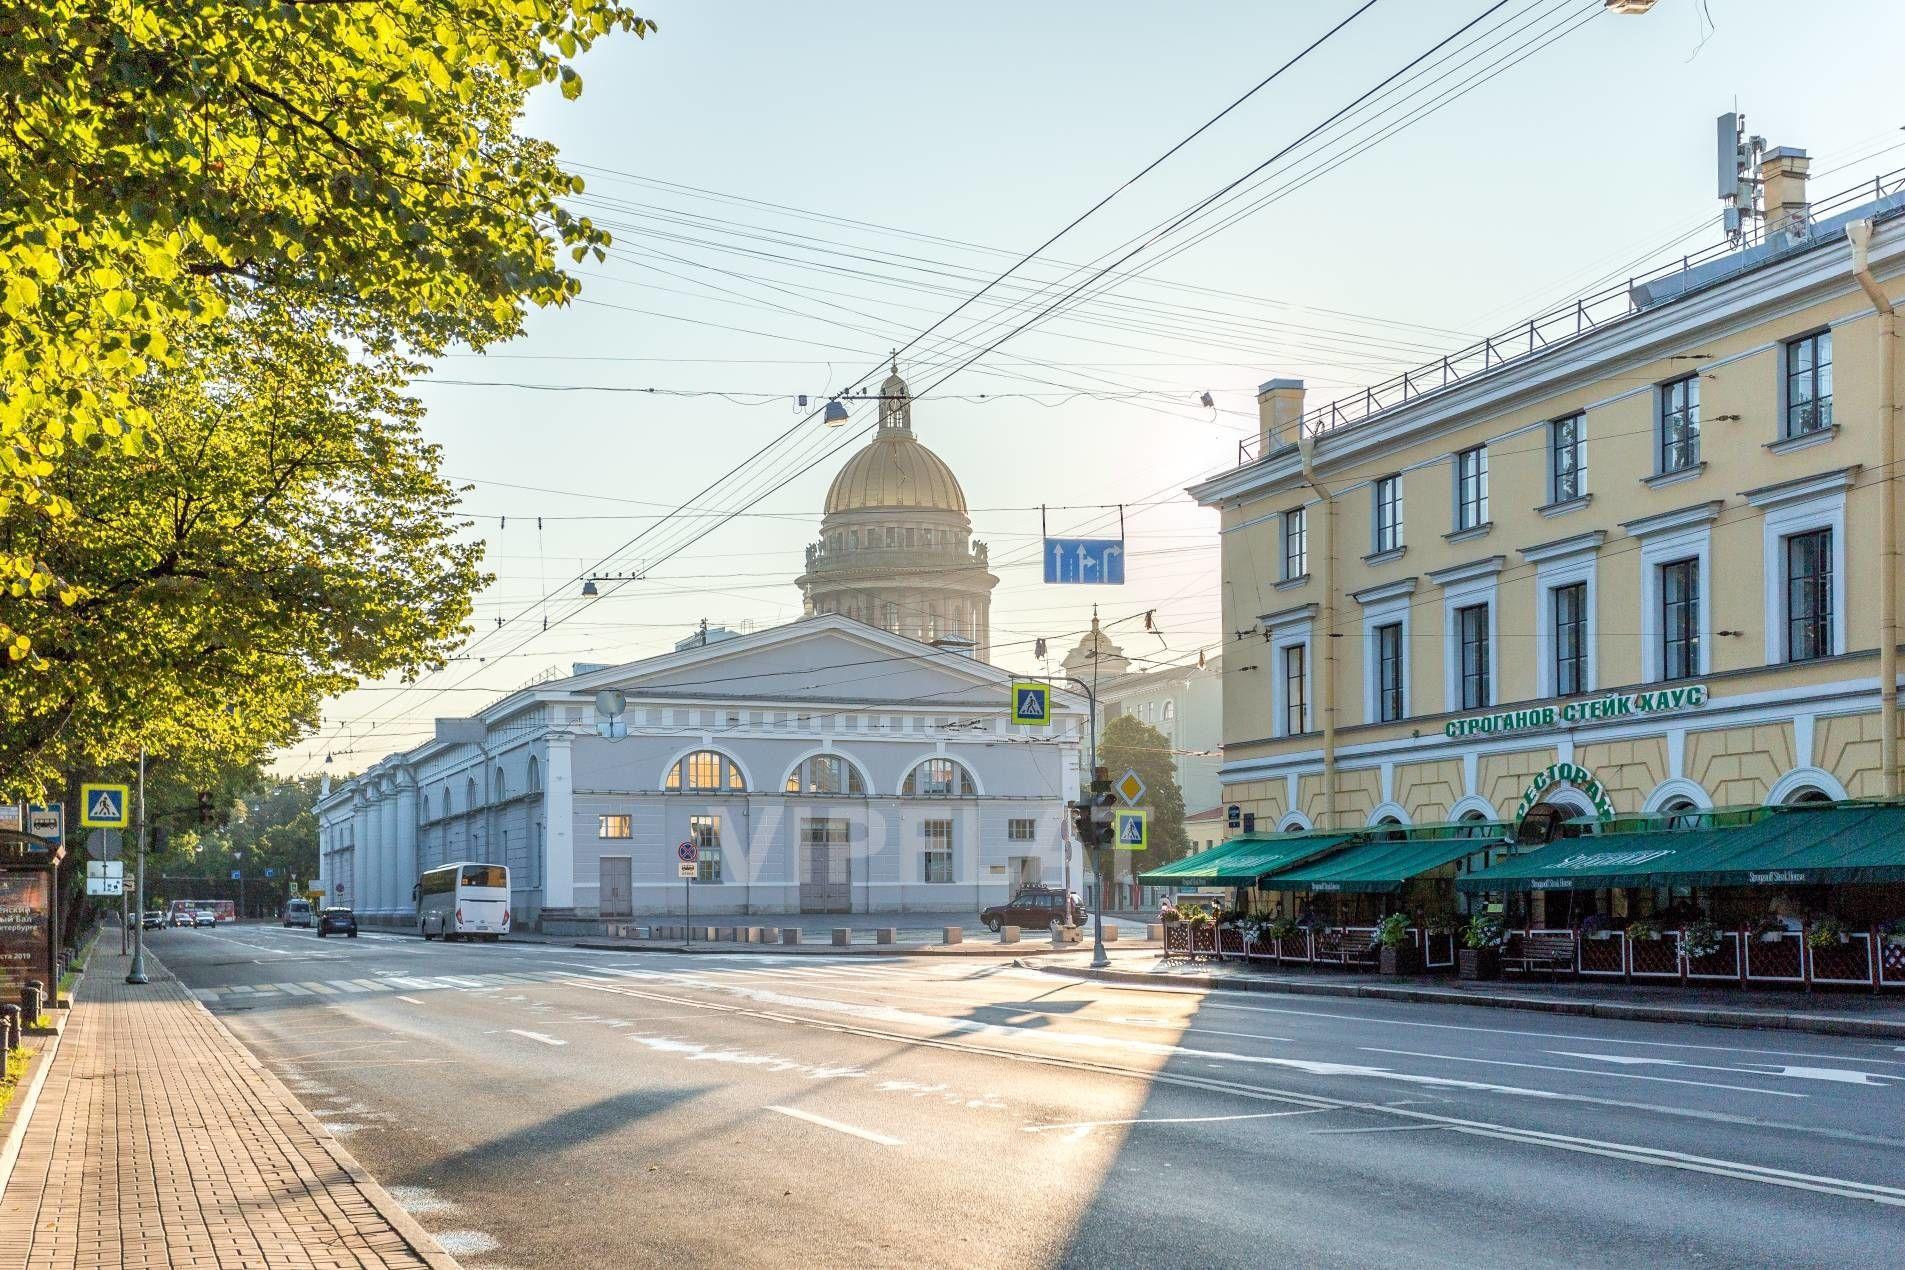 Продажа элитных квартир Санкт-Петербурга. Конногвардейский бул., 5 Прямо у дома